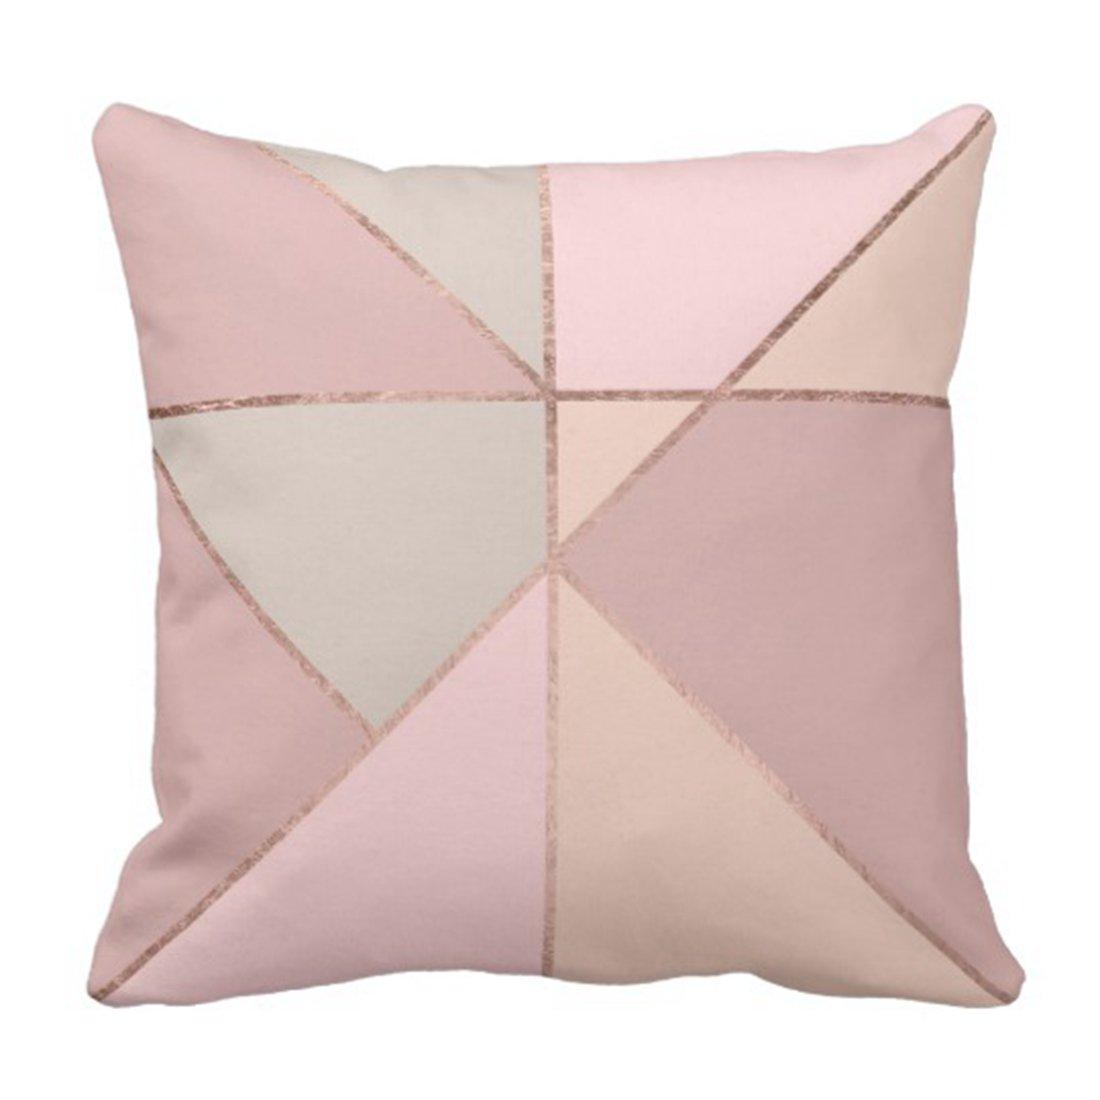 Funda de almohada Rosa geométrico Rosa moderna dorado melocotón Tan rubor Color bloque Coral funda de almohada hogar cuadrado funda de almohada